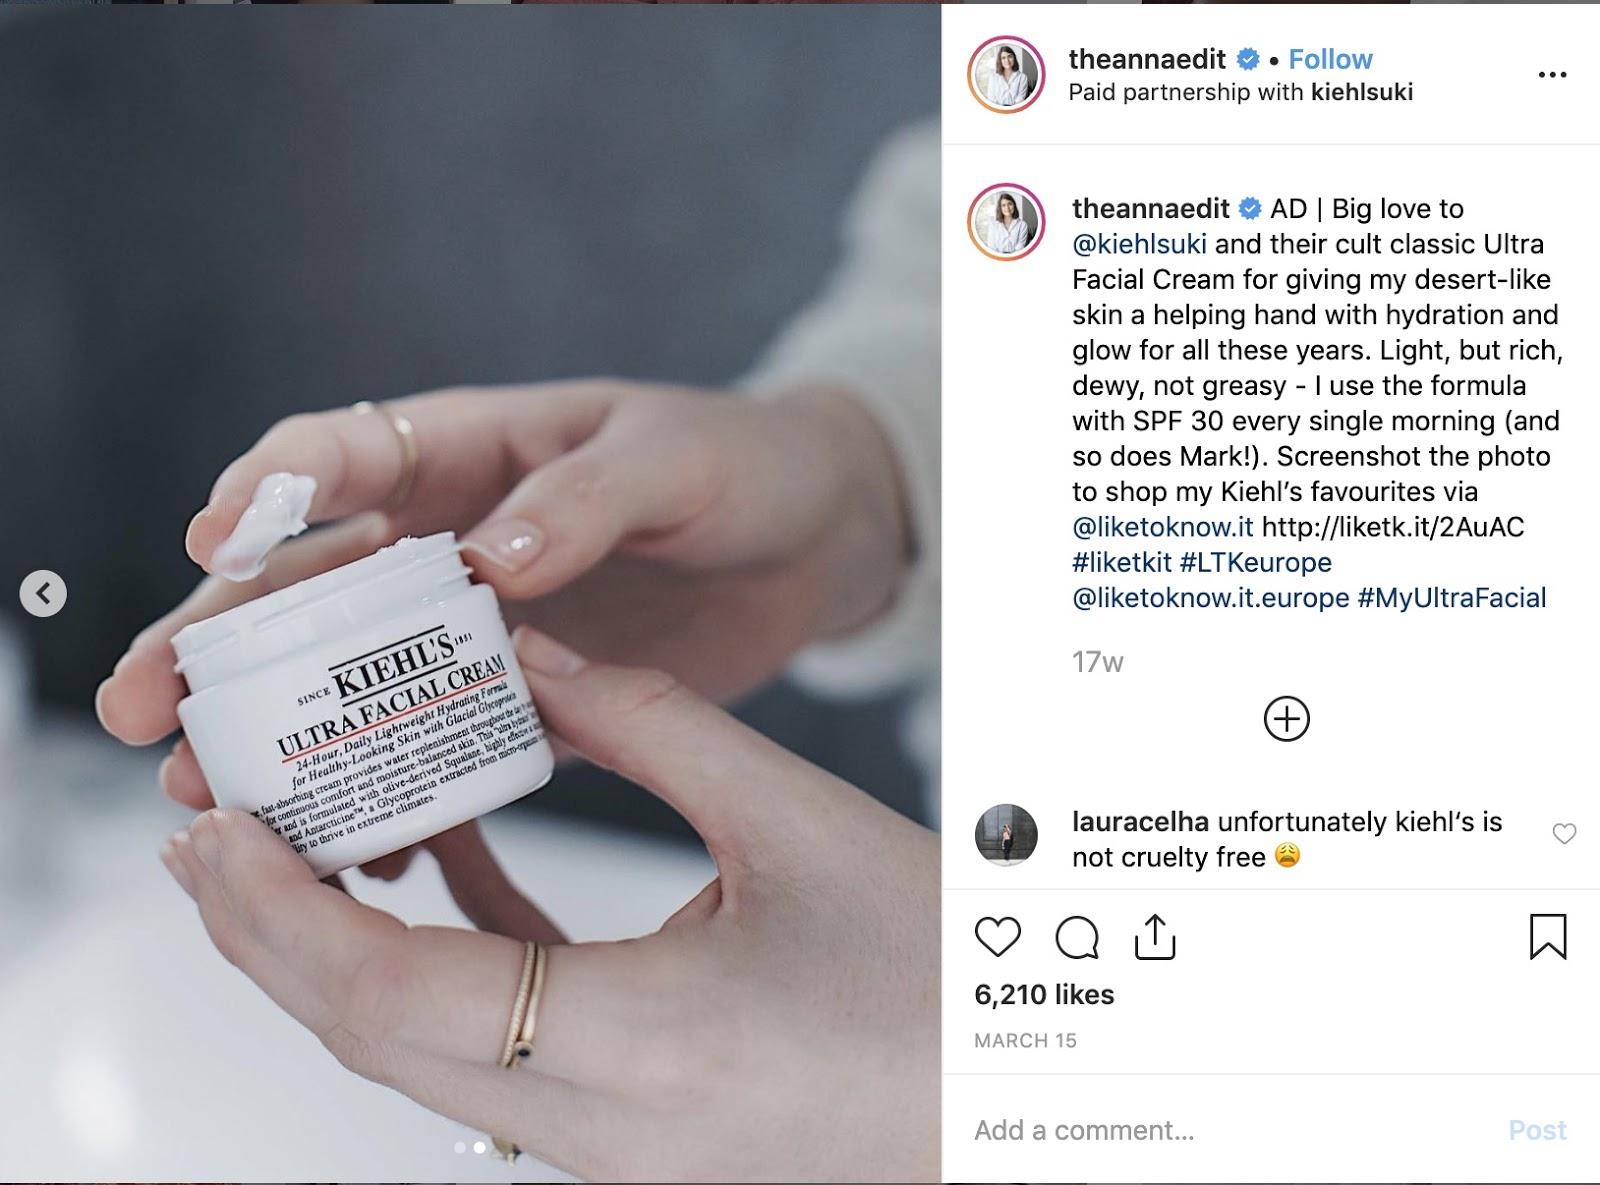 Exemple d'une publication sponsorisée par Anna présentant la crème Ultra Facial de Kiehl's lors de la campagne de marketing d'influence menée avec Traacr